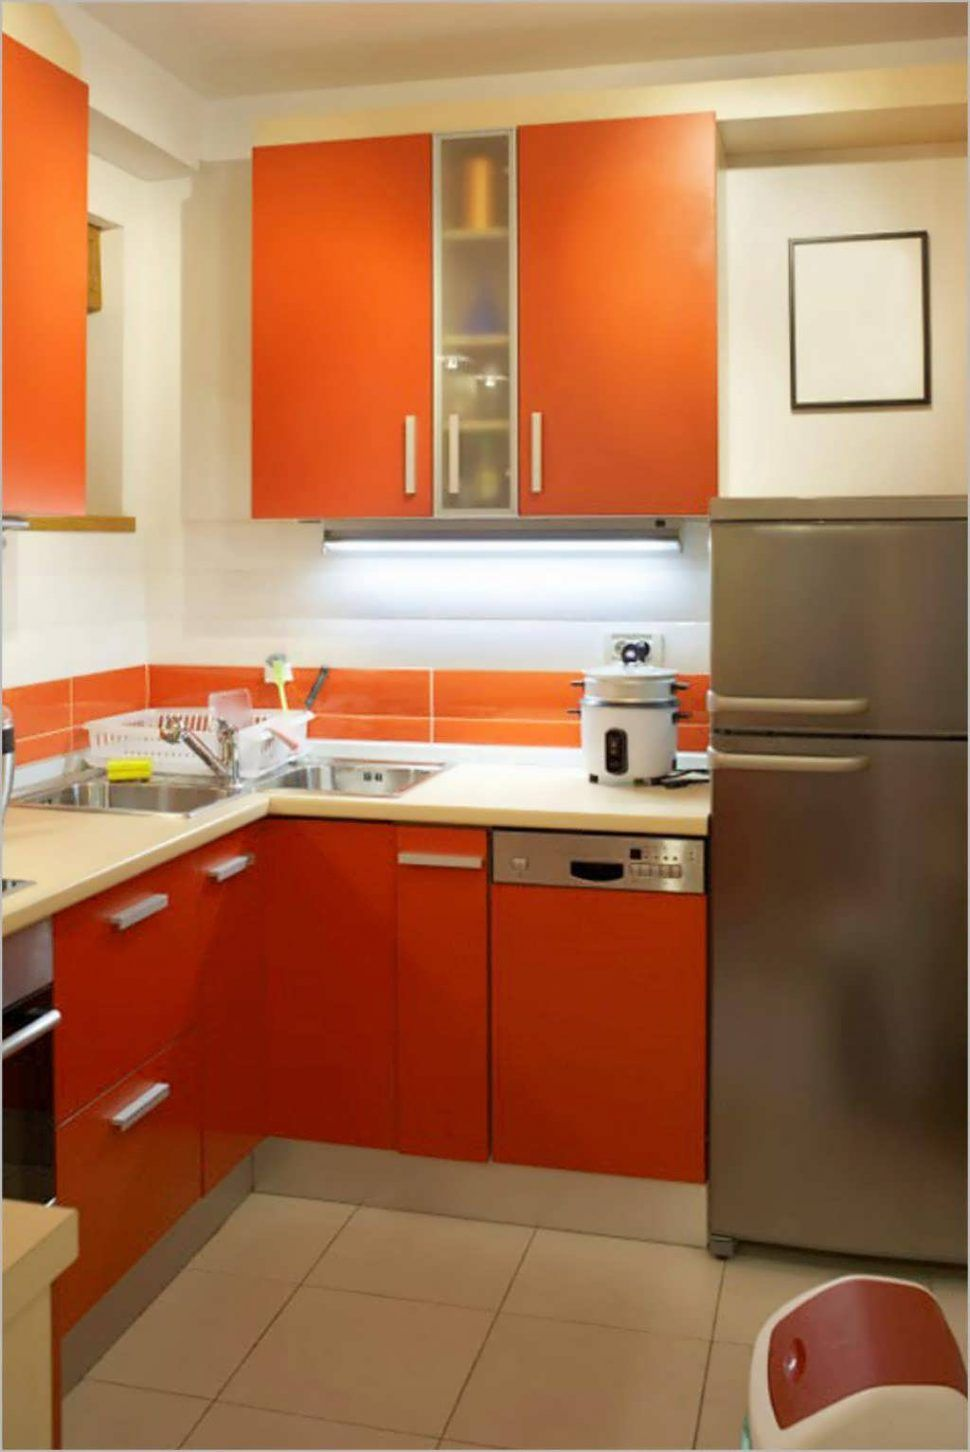 Kitchenkitchen Doors Outdoor Kitchen Model Kitchen Kitchen Endearing Model Kitchen Designs Decorating Design